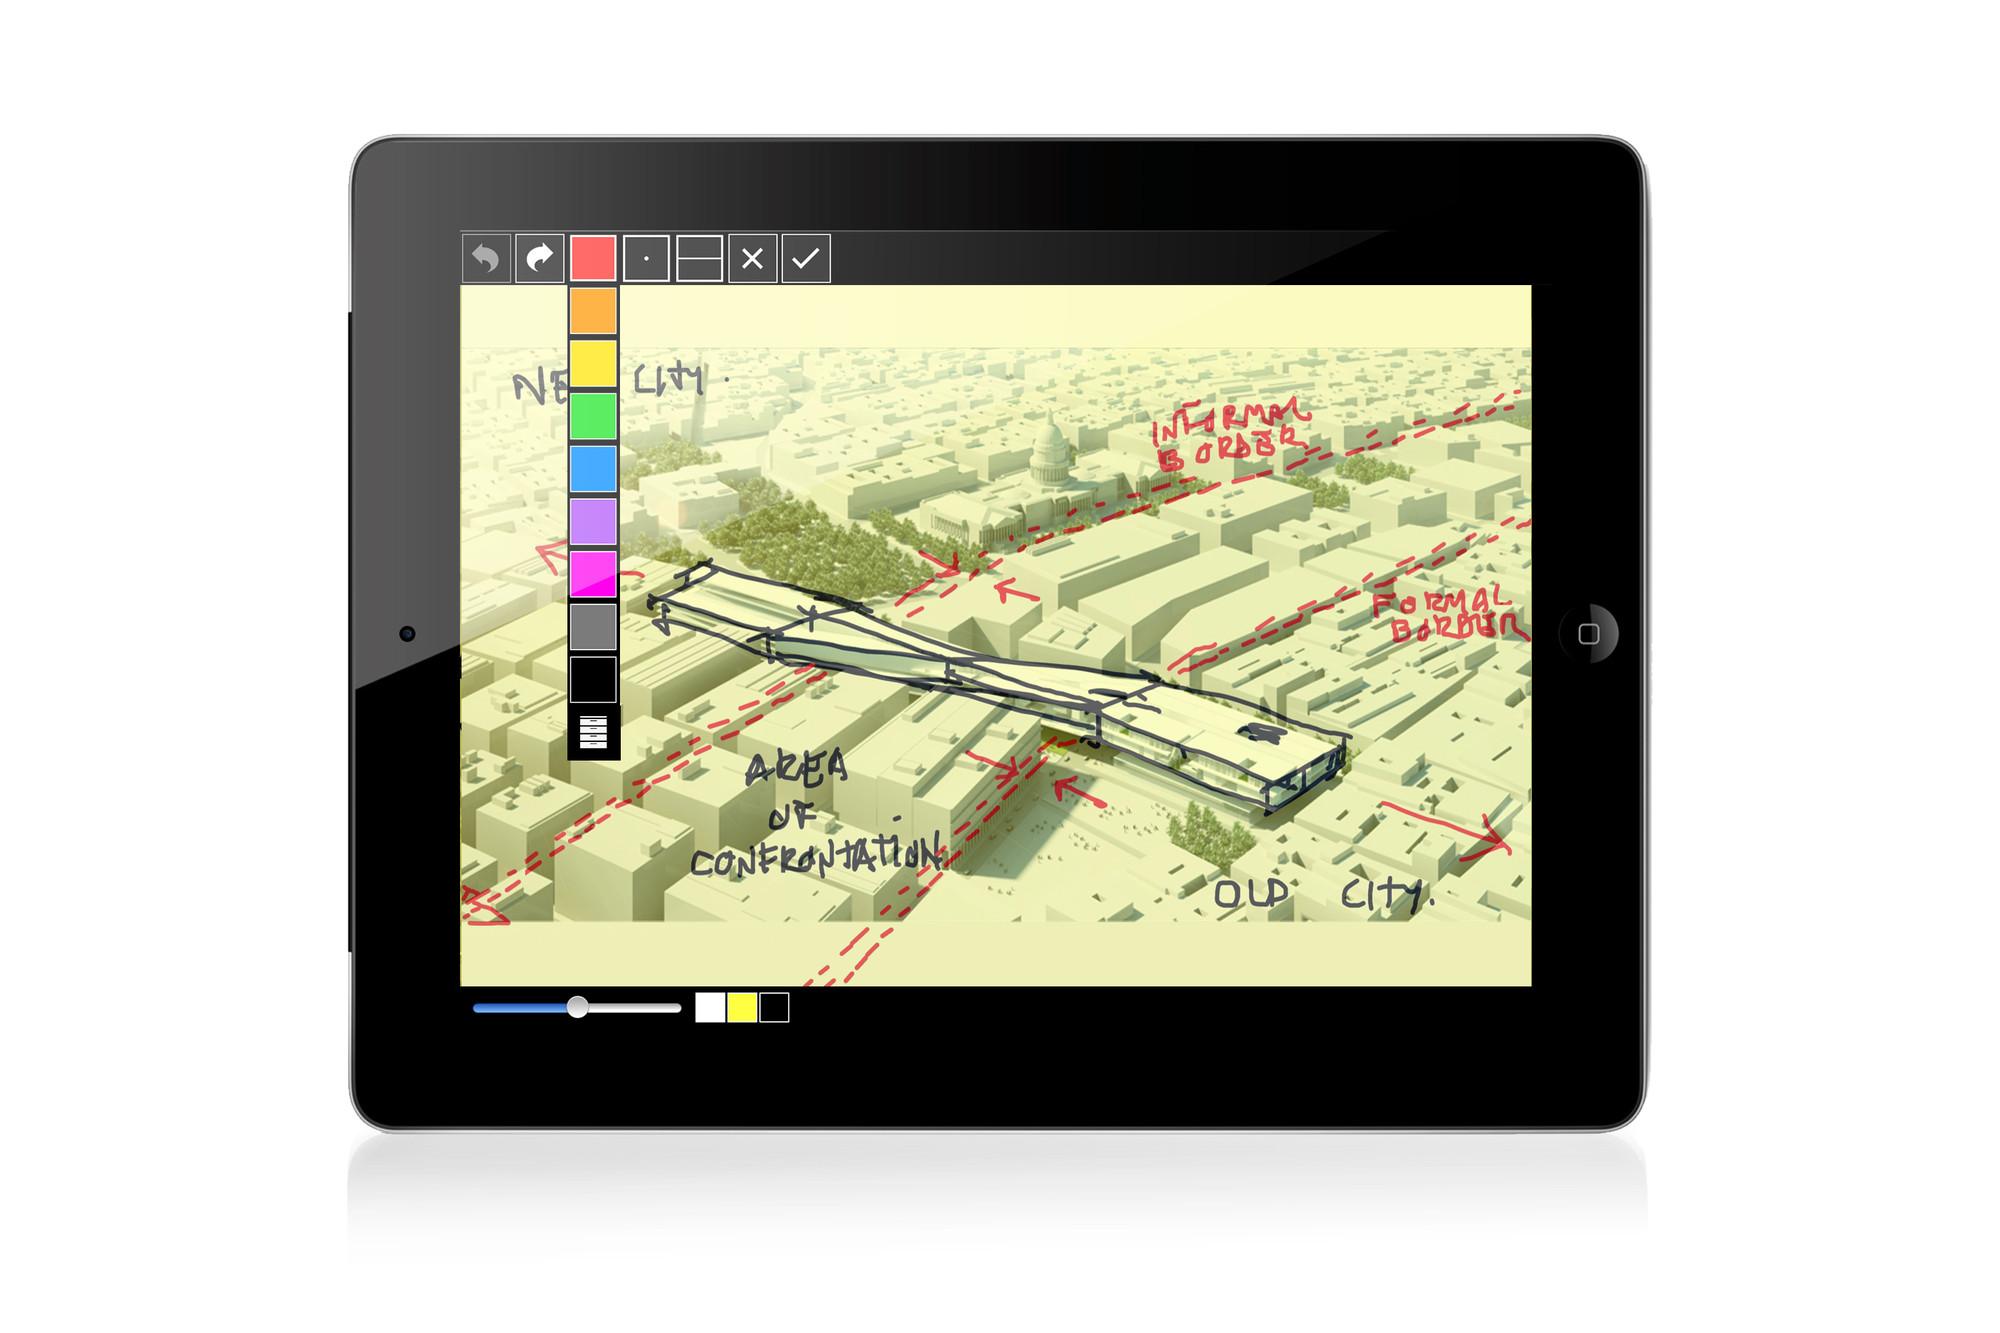 Galer a de aplicaciones para arquitectos morpholio 2 0 2 for Aplicaciones para arquitectos